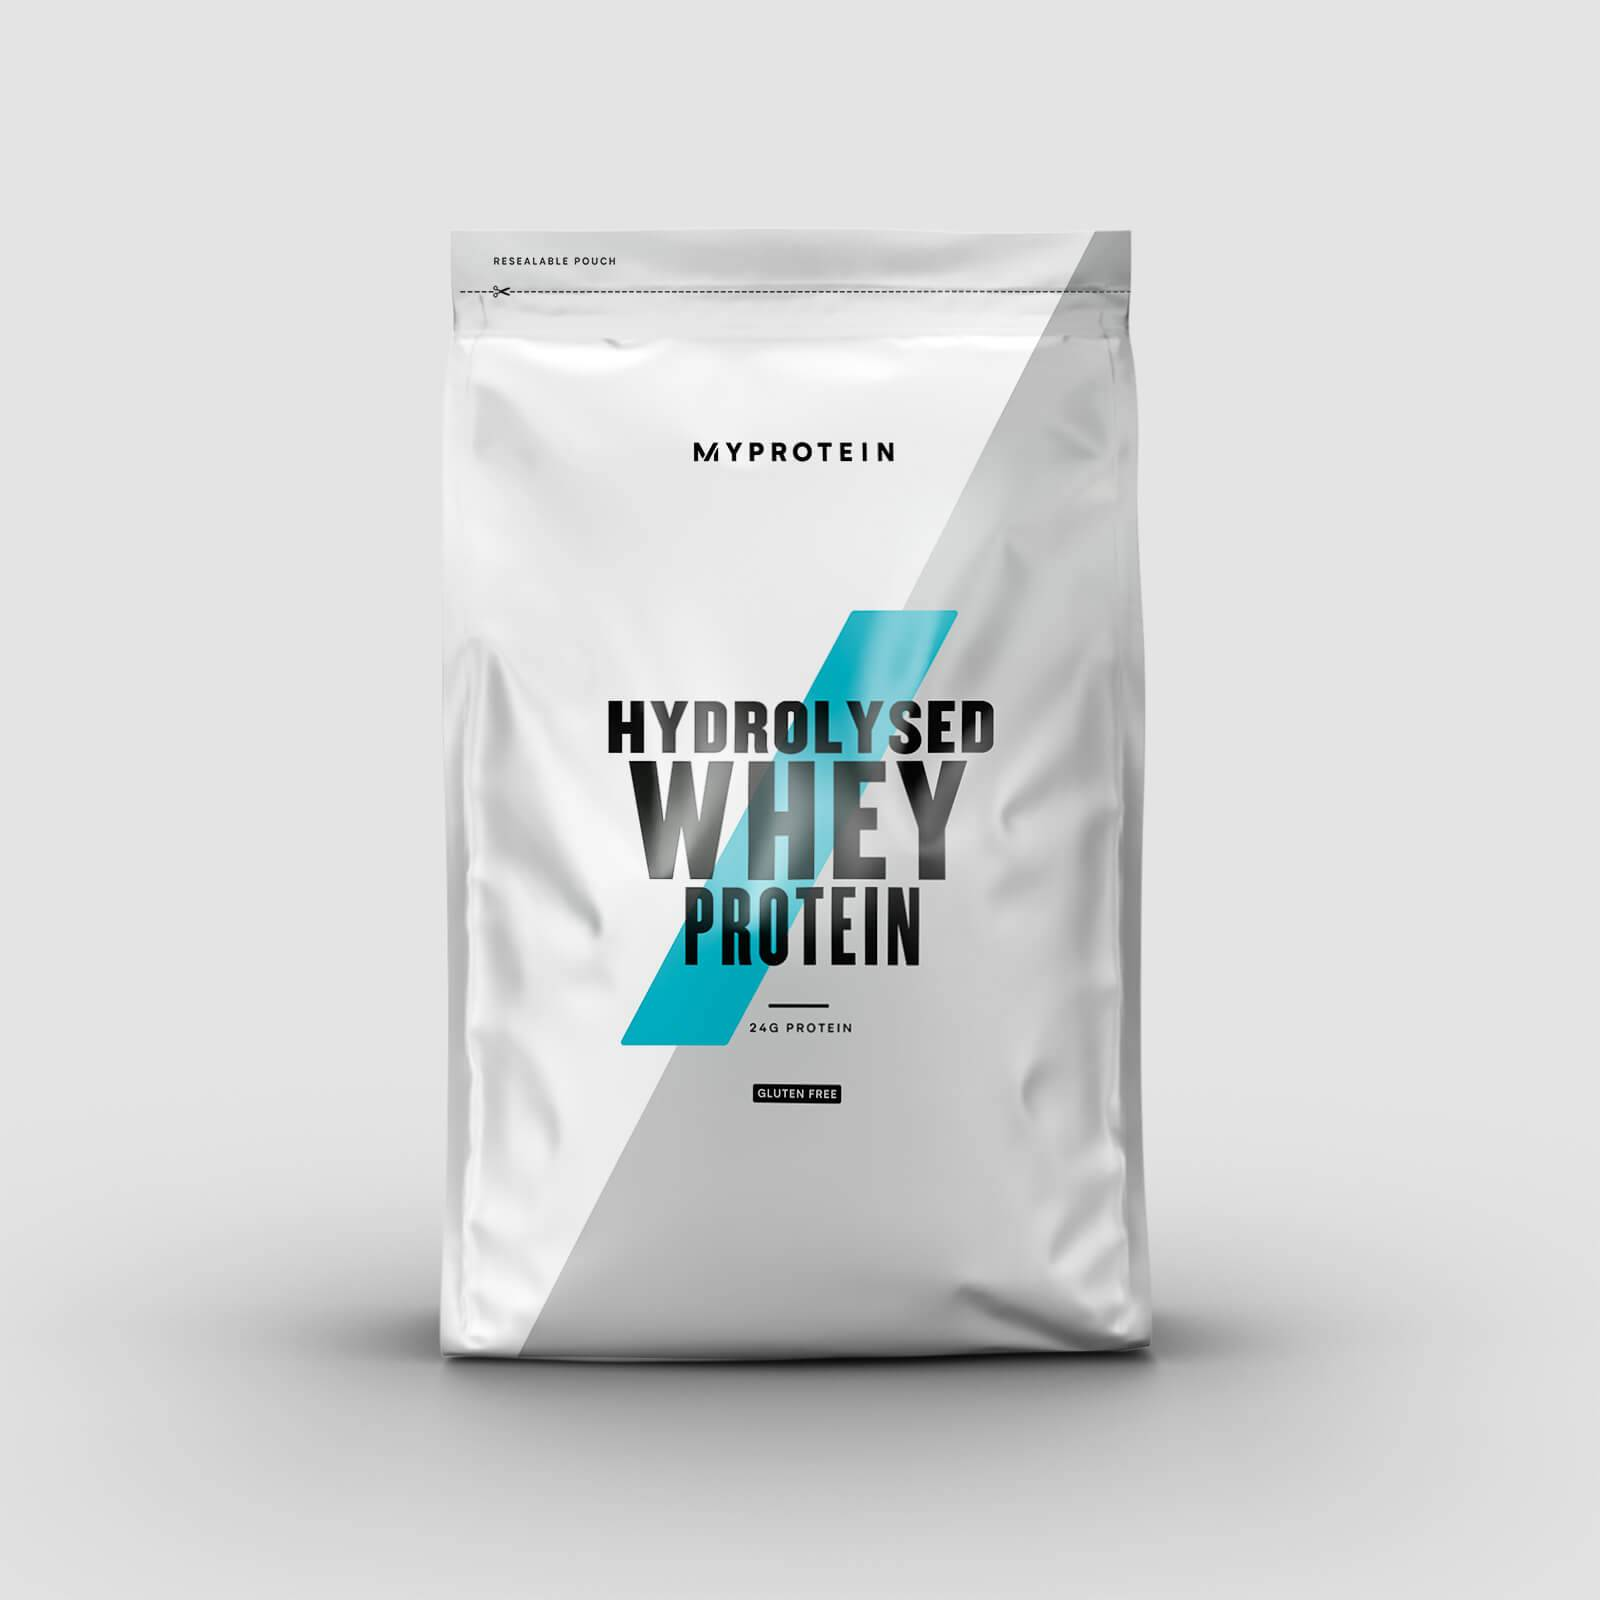 Myprotein Protéine de whey hydrolysée - 2.5kg - Sans arôme ajouté